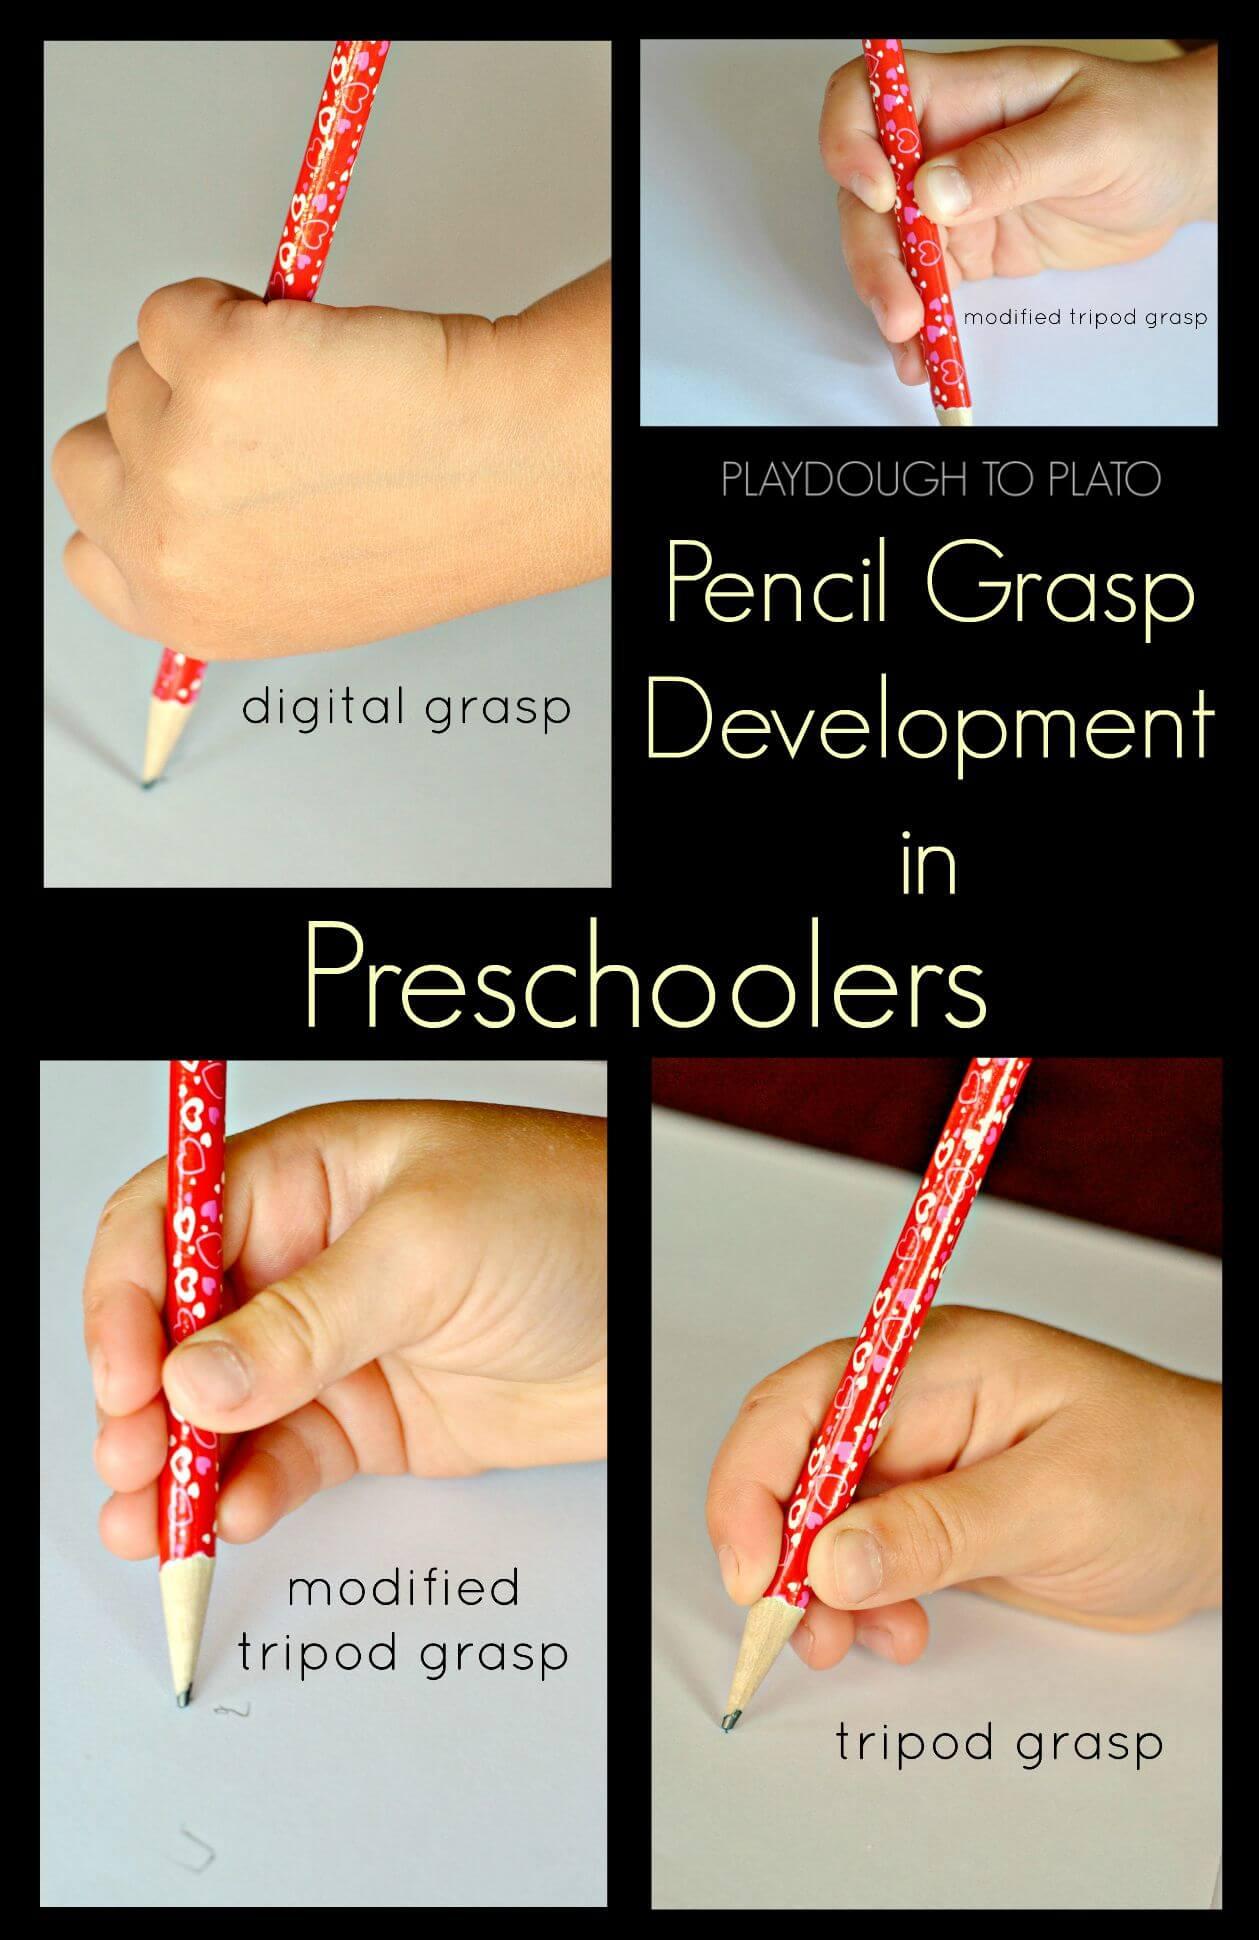 Pencil Grasp Development in Preschoolers